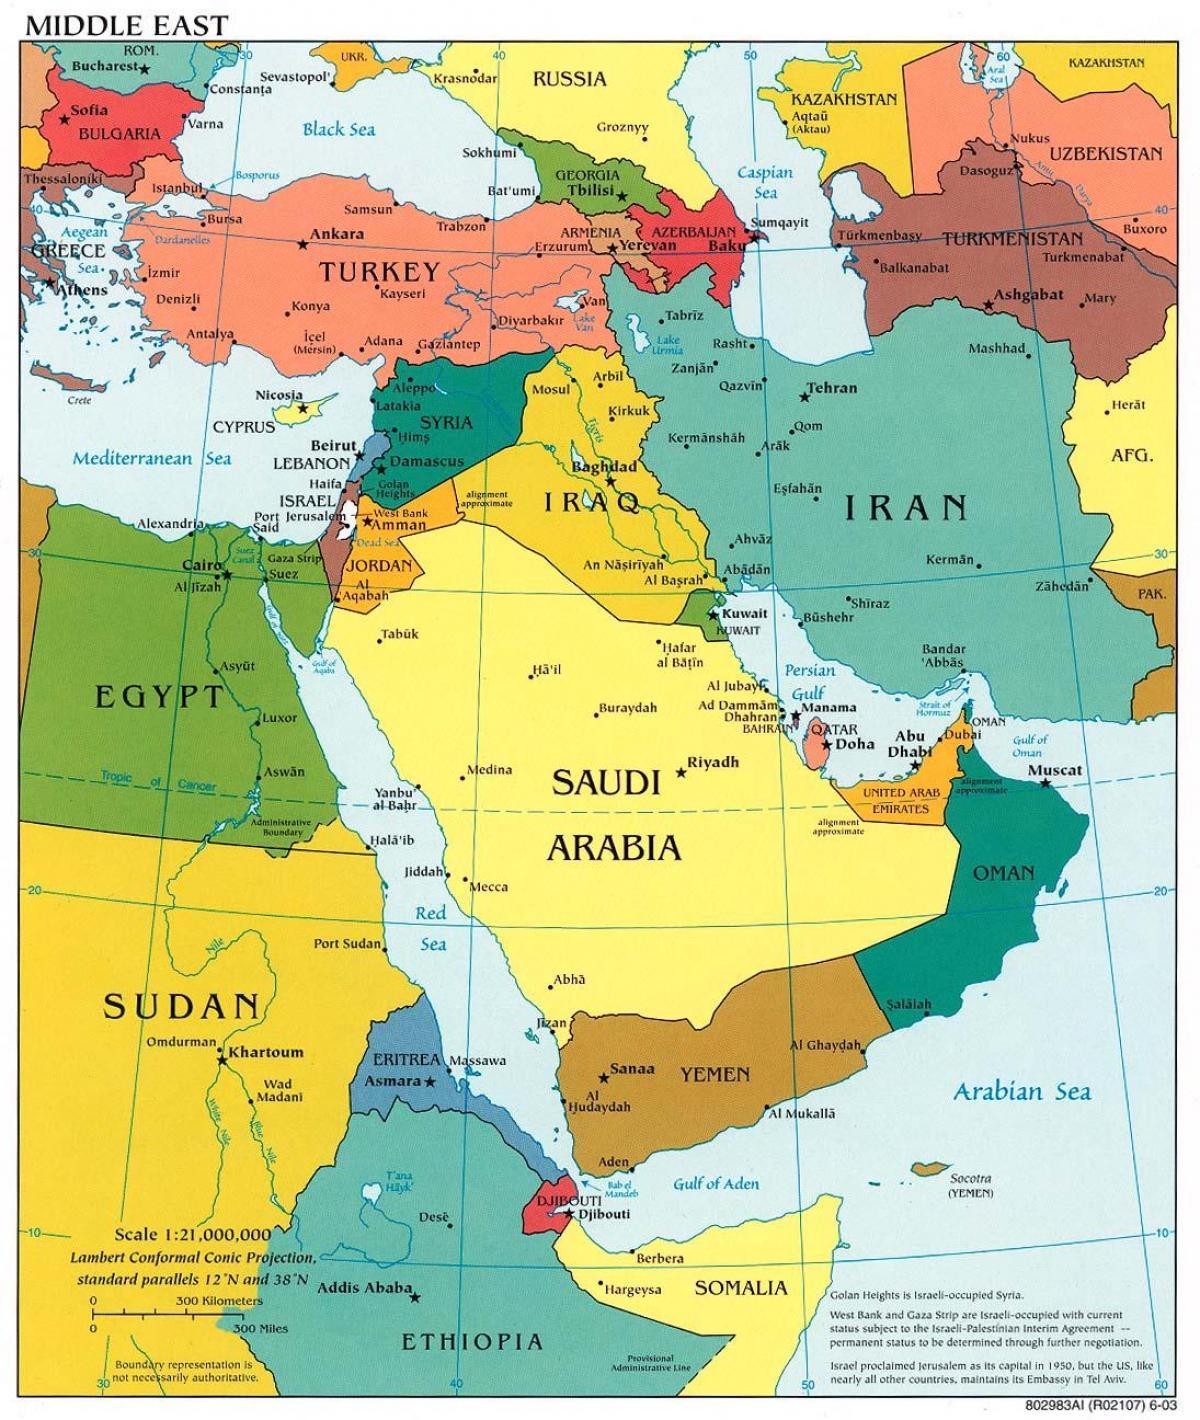 Cartina Asia Occidentale.Bahrain Mappa Del Medio Oriente Bahrain In Medio Oriente Mappa Asia Occidentale Asia